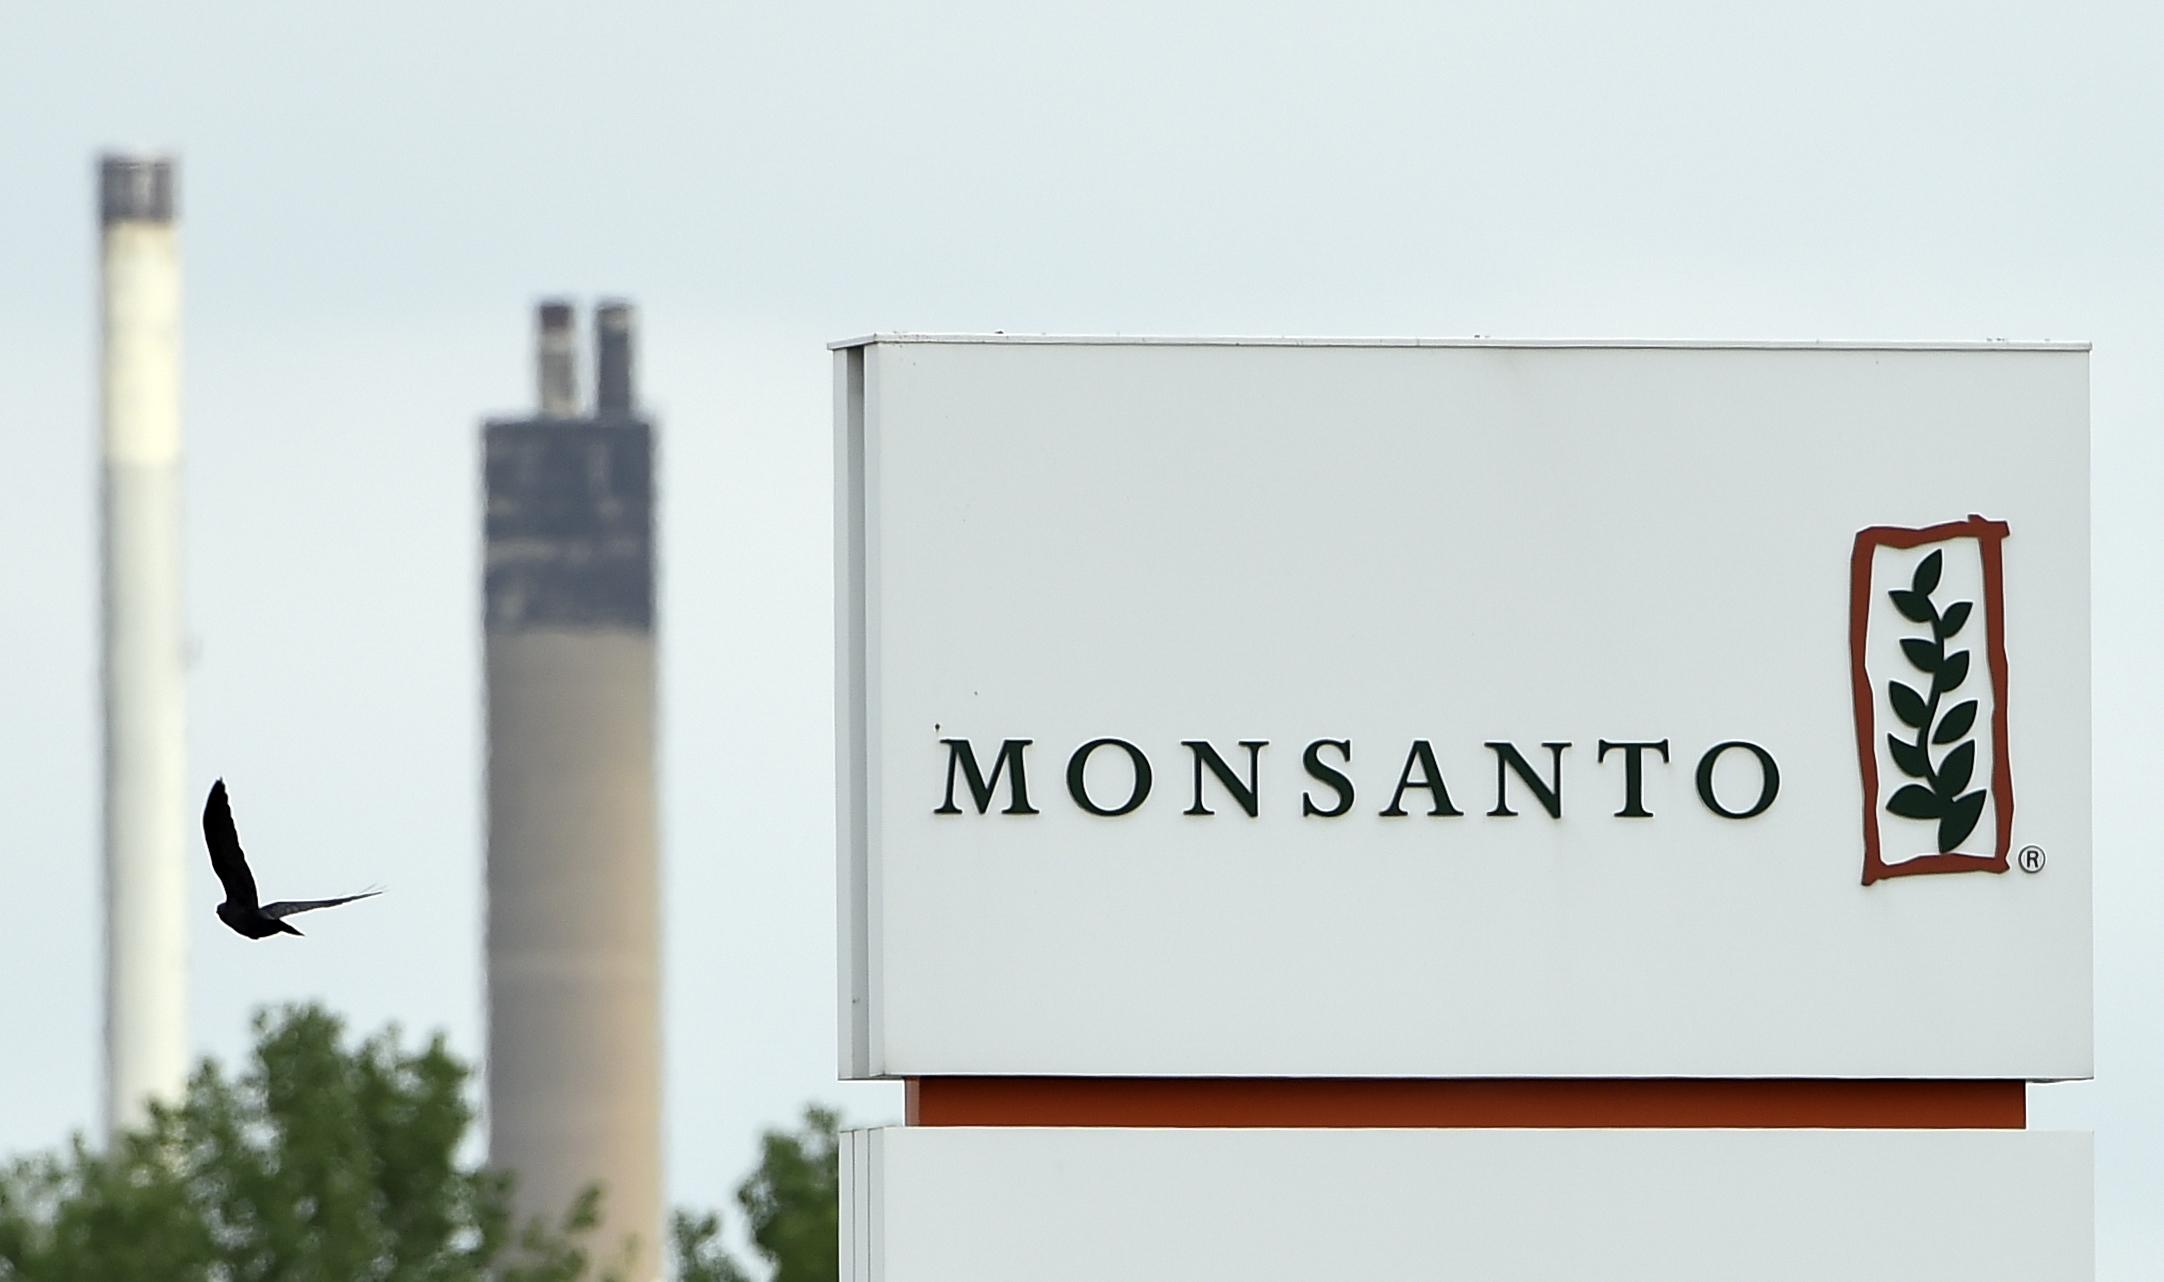 Újságírókat és aktivistákat listázott a Monsanto Franciaországban